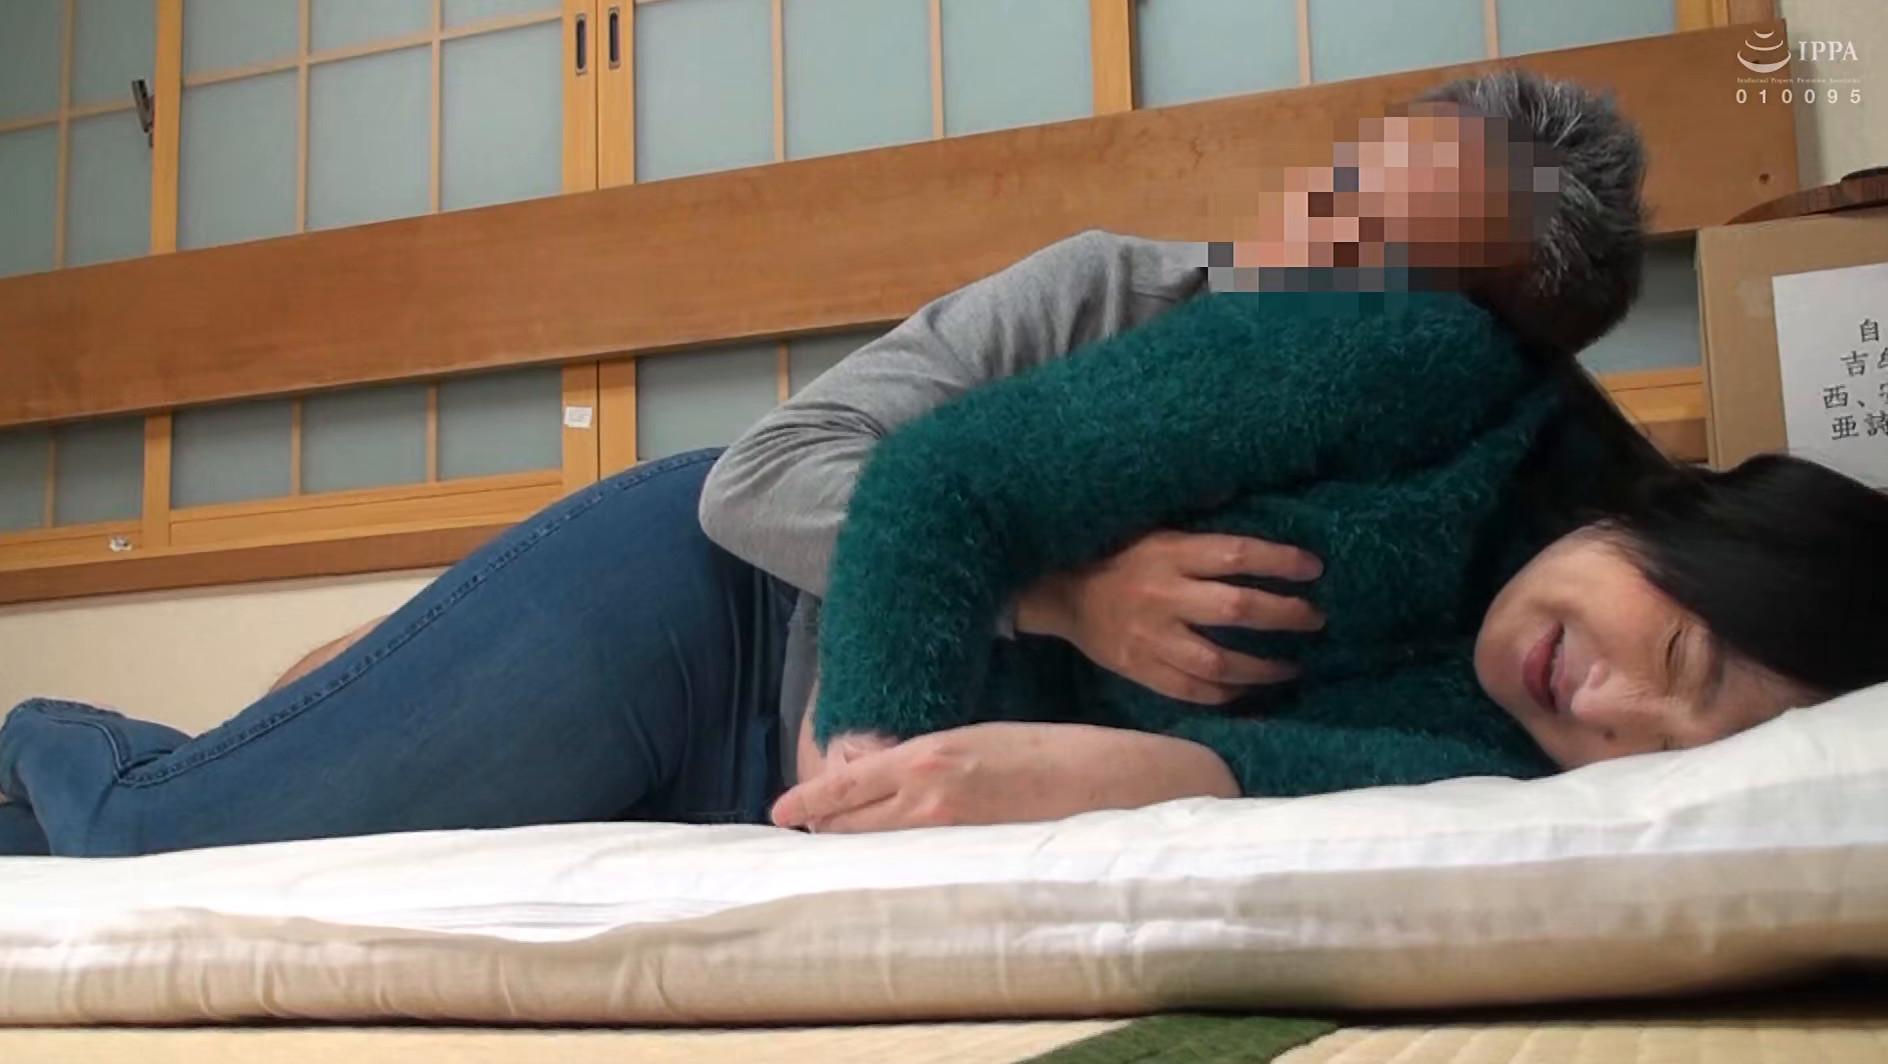 山村集落のおばさんを喰いまくる 原田京子さん(53歳)の場合 画像8